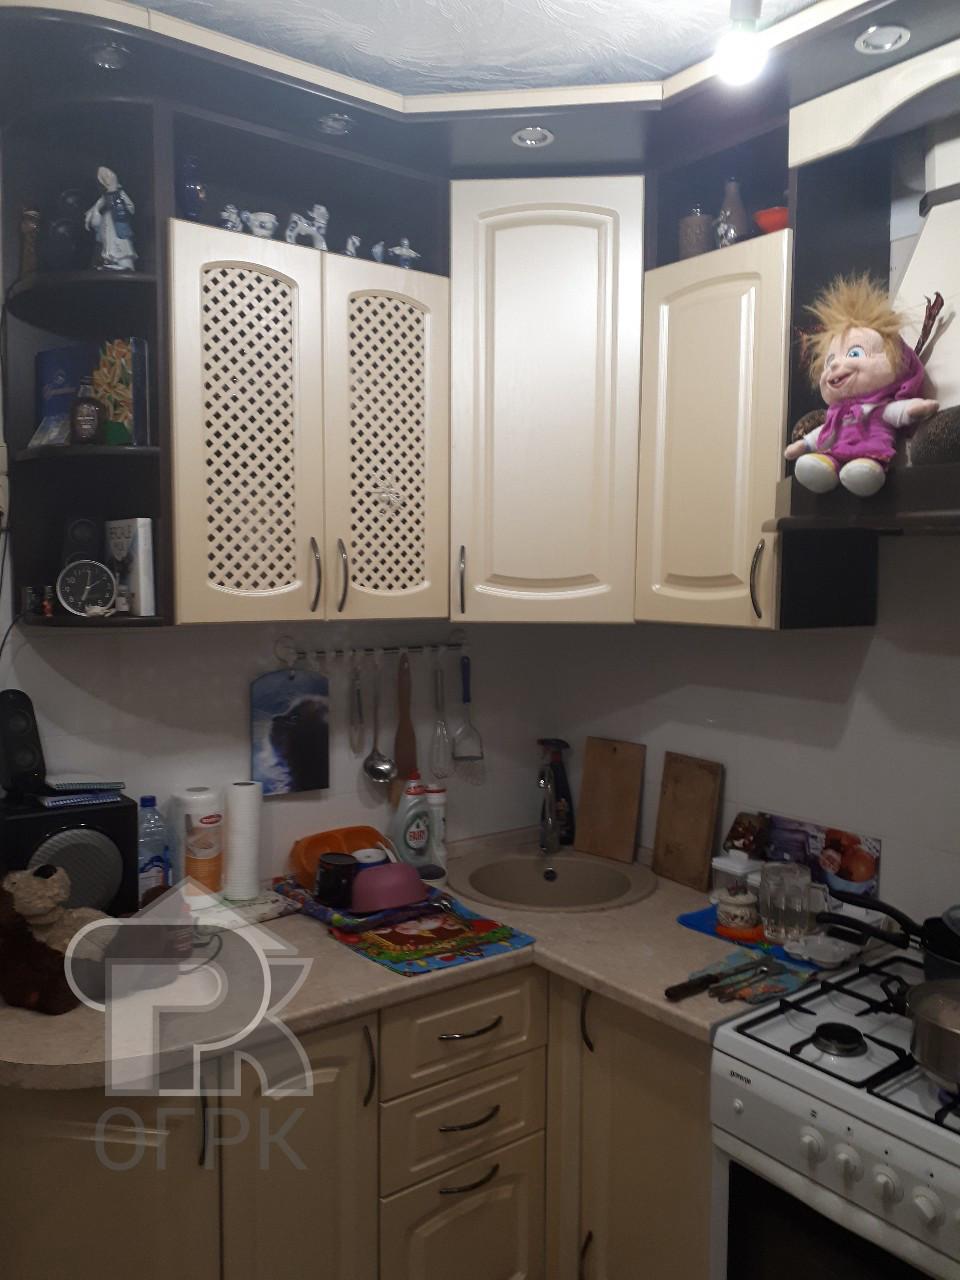 Купить 2-комнатную квартиру, город Видное, Видное, ул. Заводская, д.24, №309397